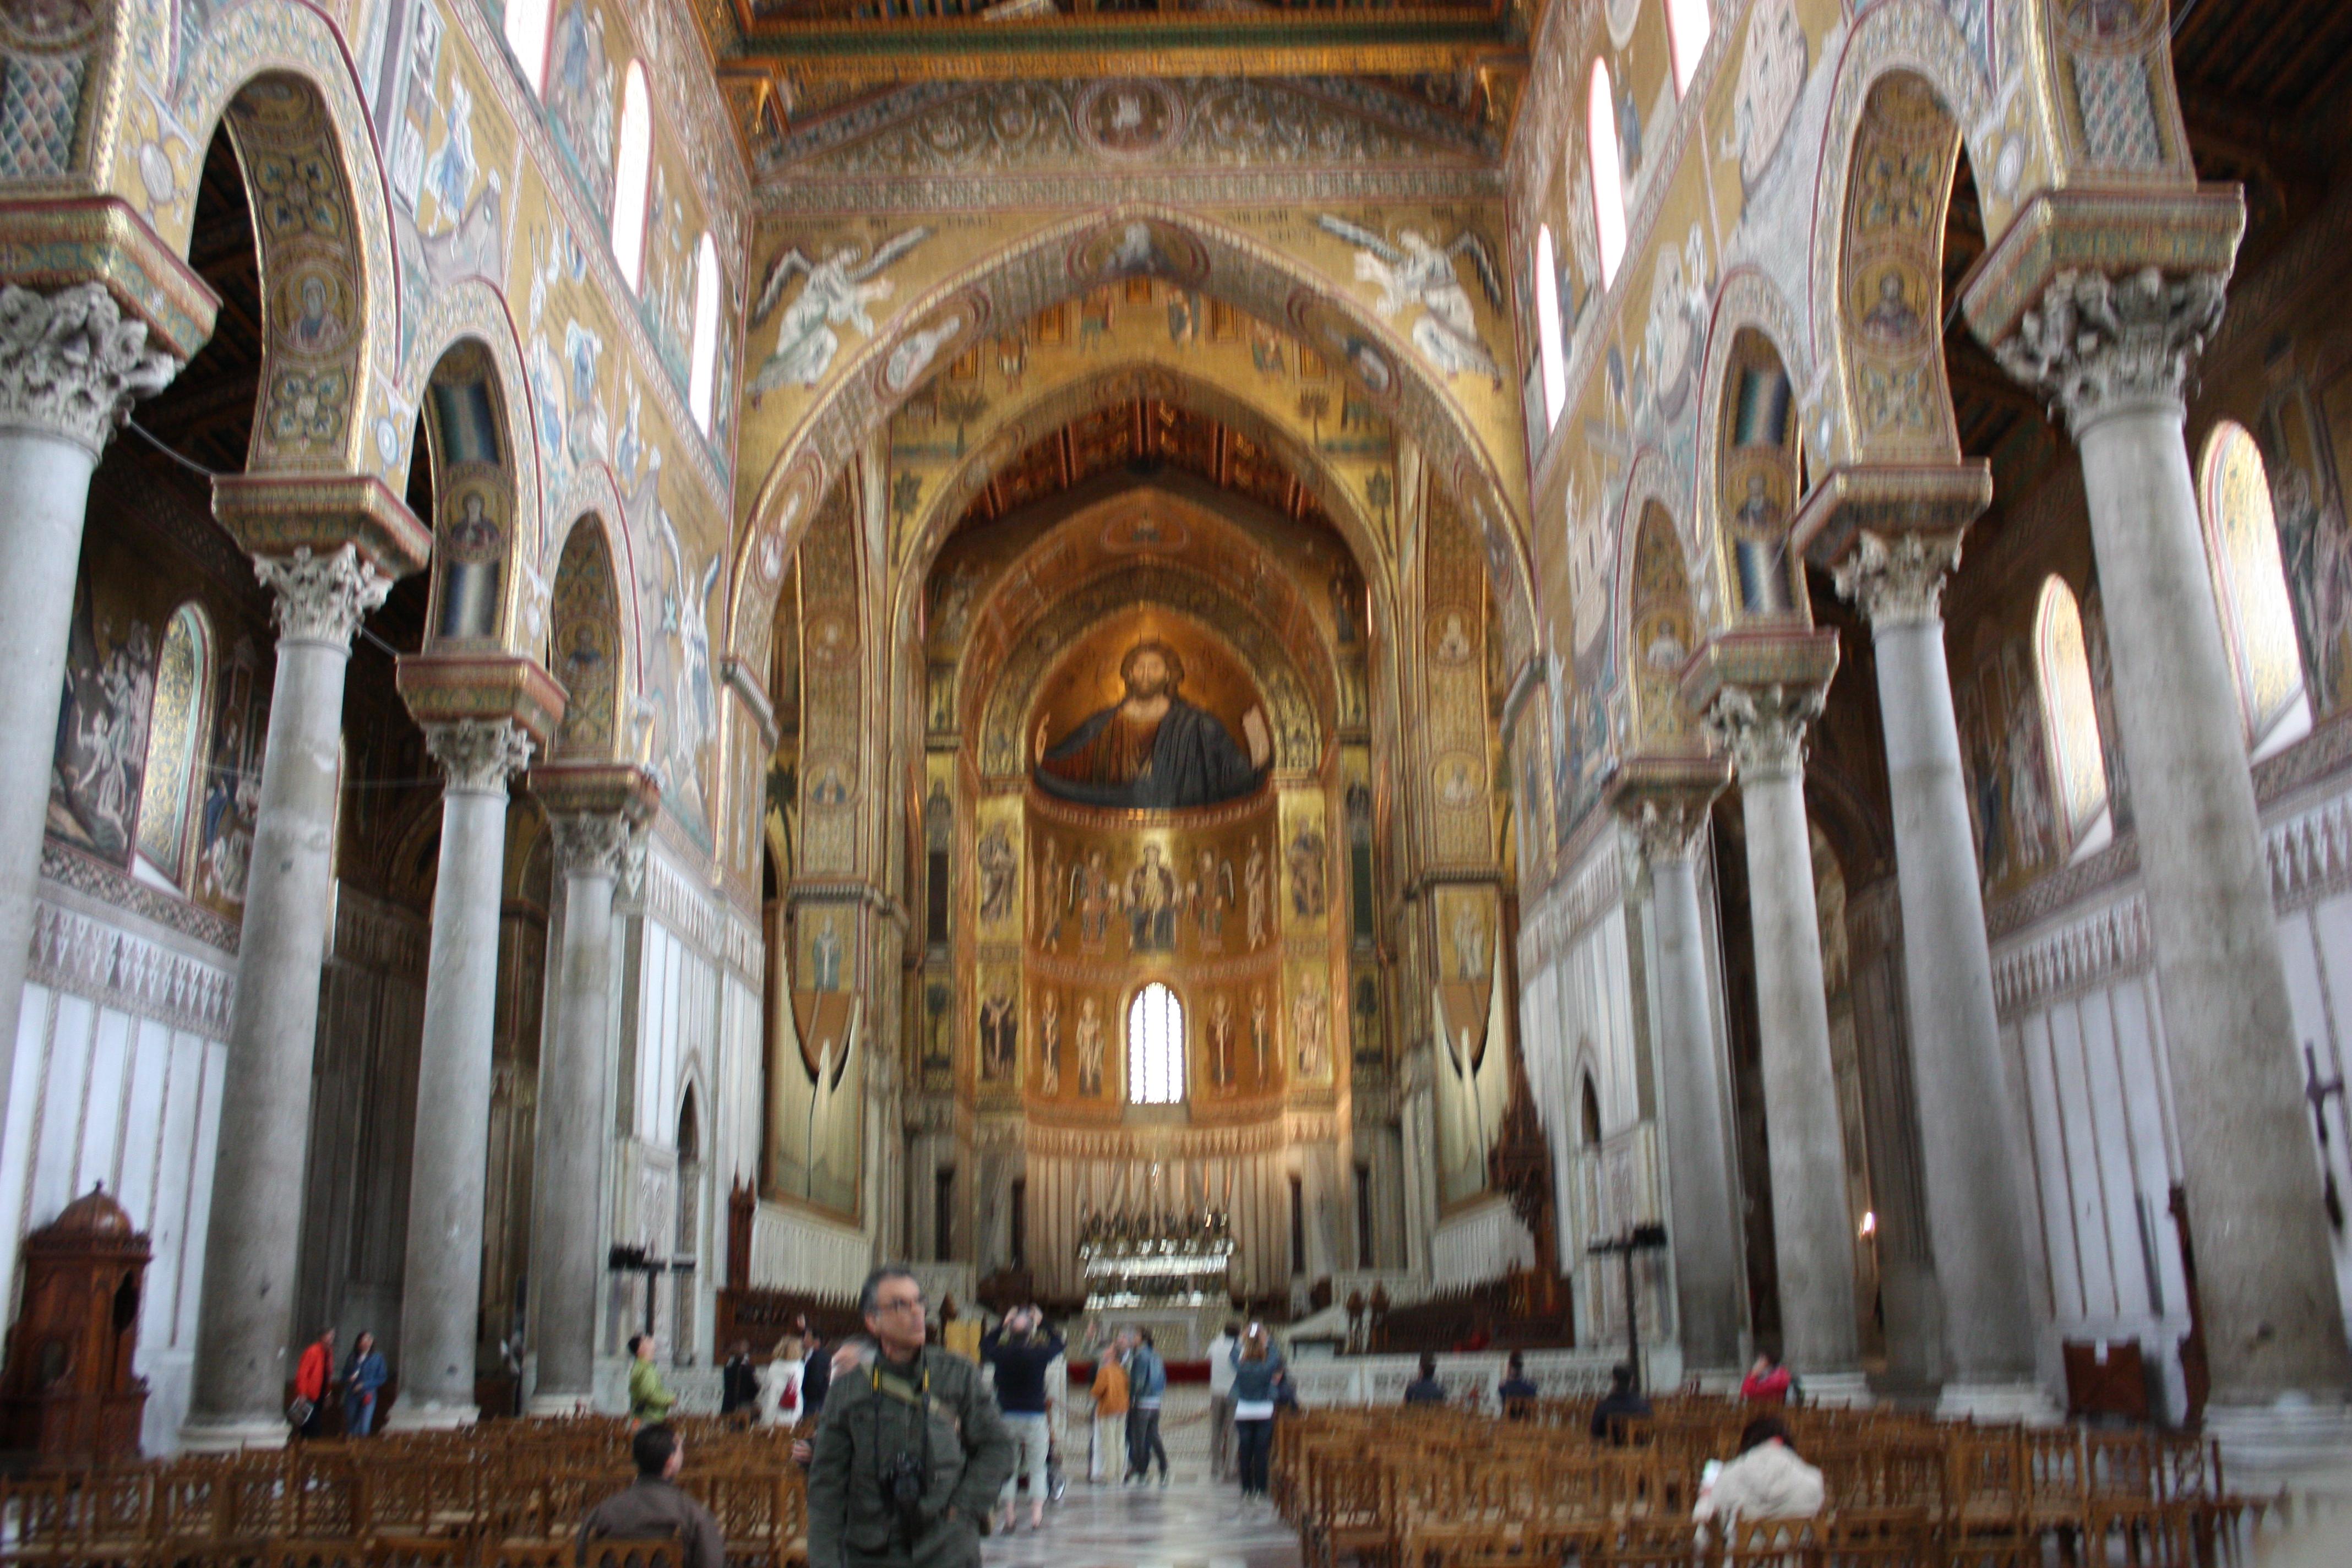 O interior da catedral impressiona pela harmonia das linhas arquitetônicas e das paredes em mosaicos bizantinos